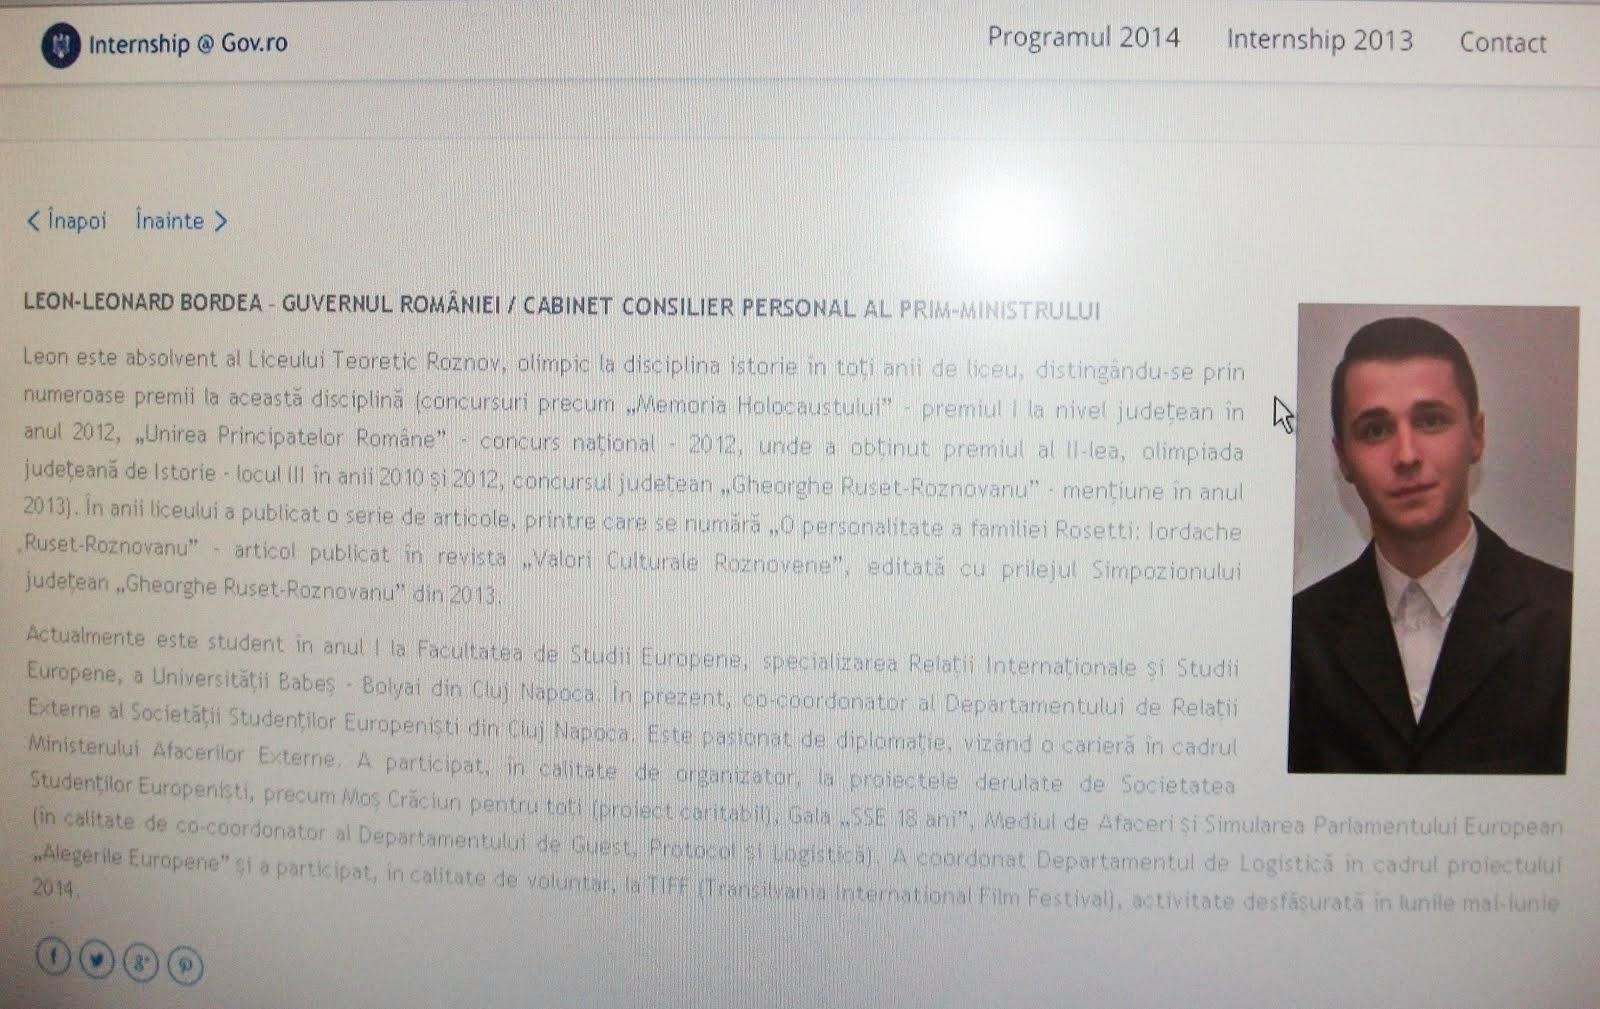 Leon Bordea, pe pagina oficială a consilierilor- stagiari la Guvernul României - 2014